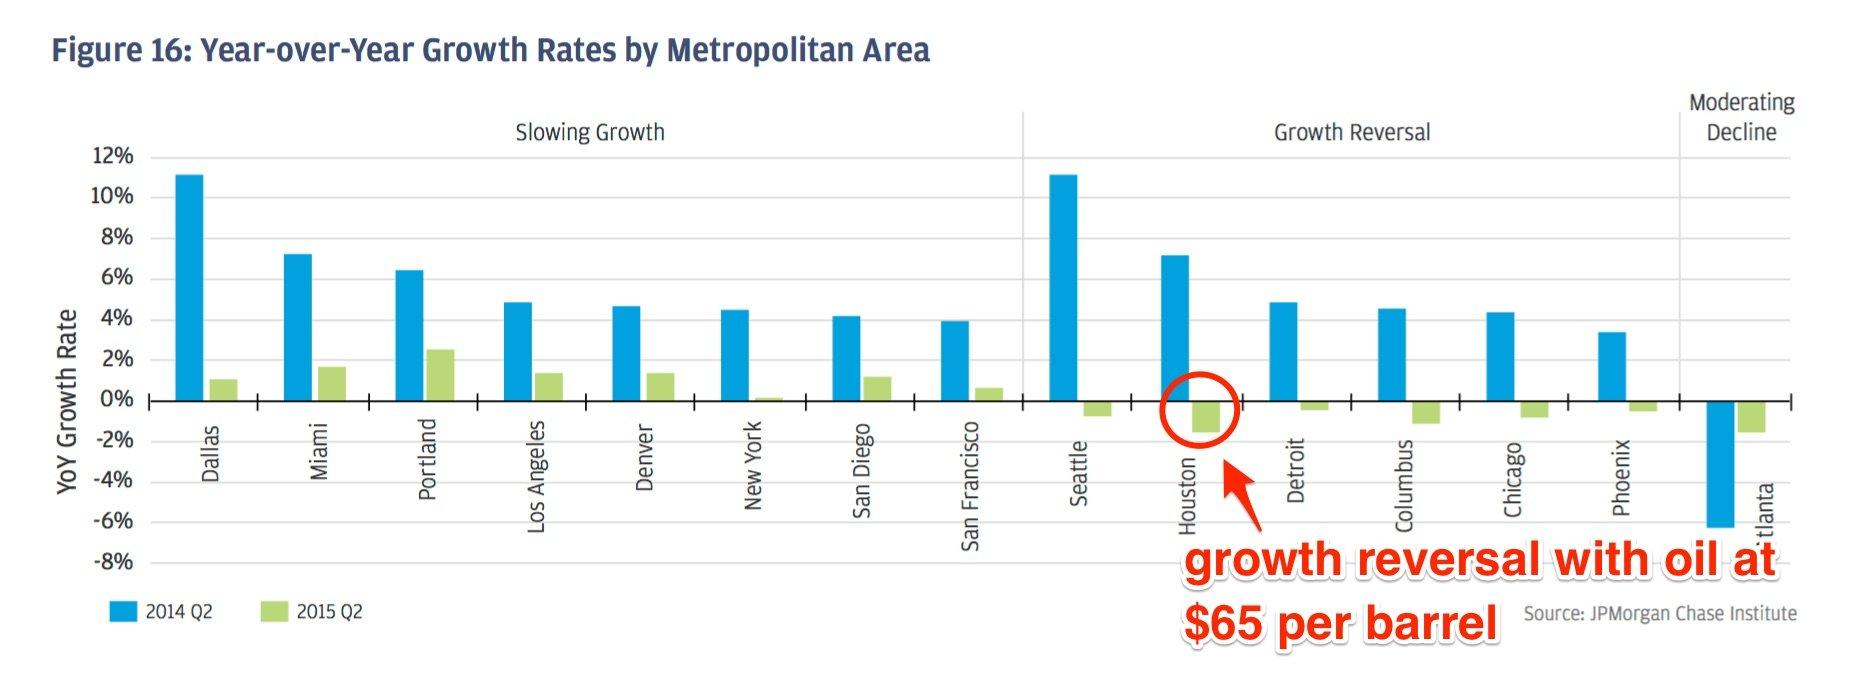 Houston Economy Spending Growth Reversal